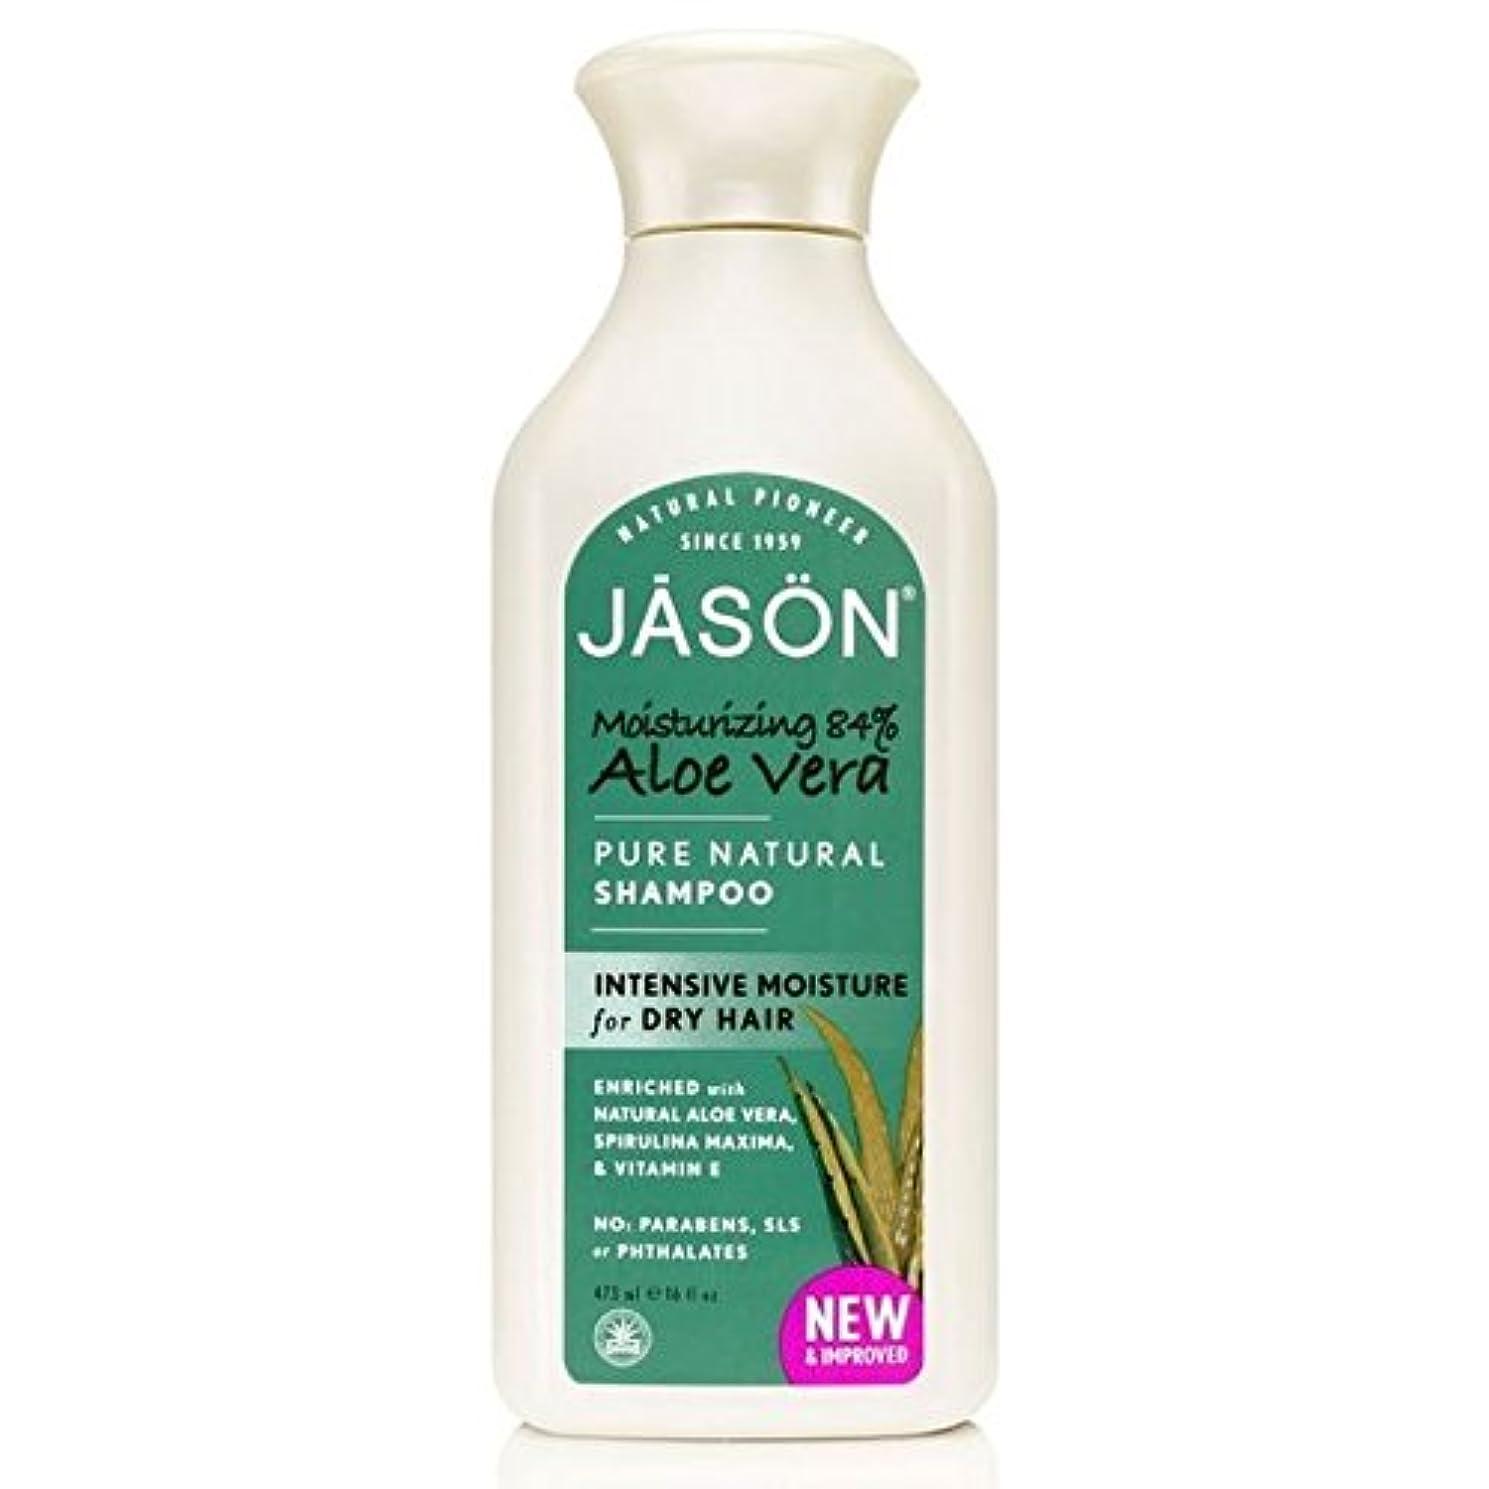 悲しみ放射性有望Jason Aloe Vera 84% Pure Natural Shampoo 475ml (Pack of 6) - ジェイソンのアロエベラ84%の純粋な天然シャンプー475ミリリットル x6 [並行輸入品]